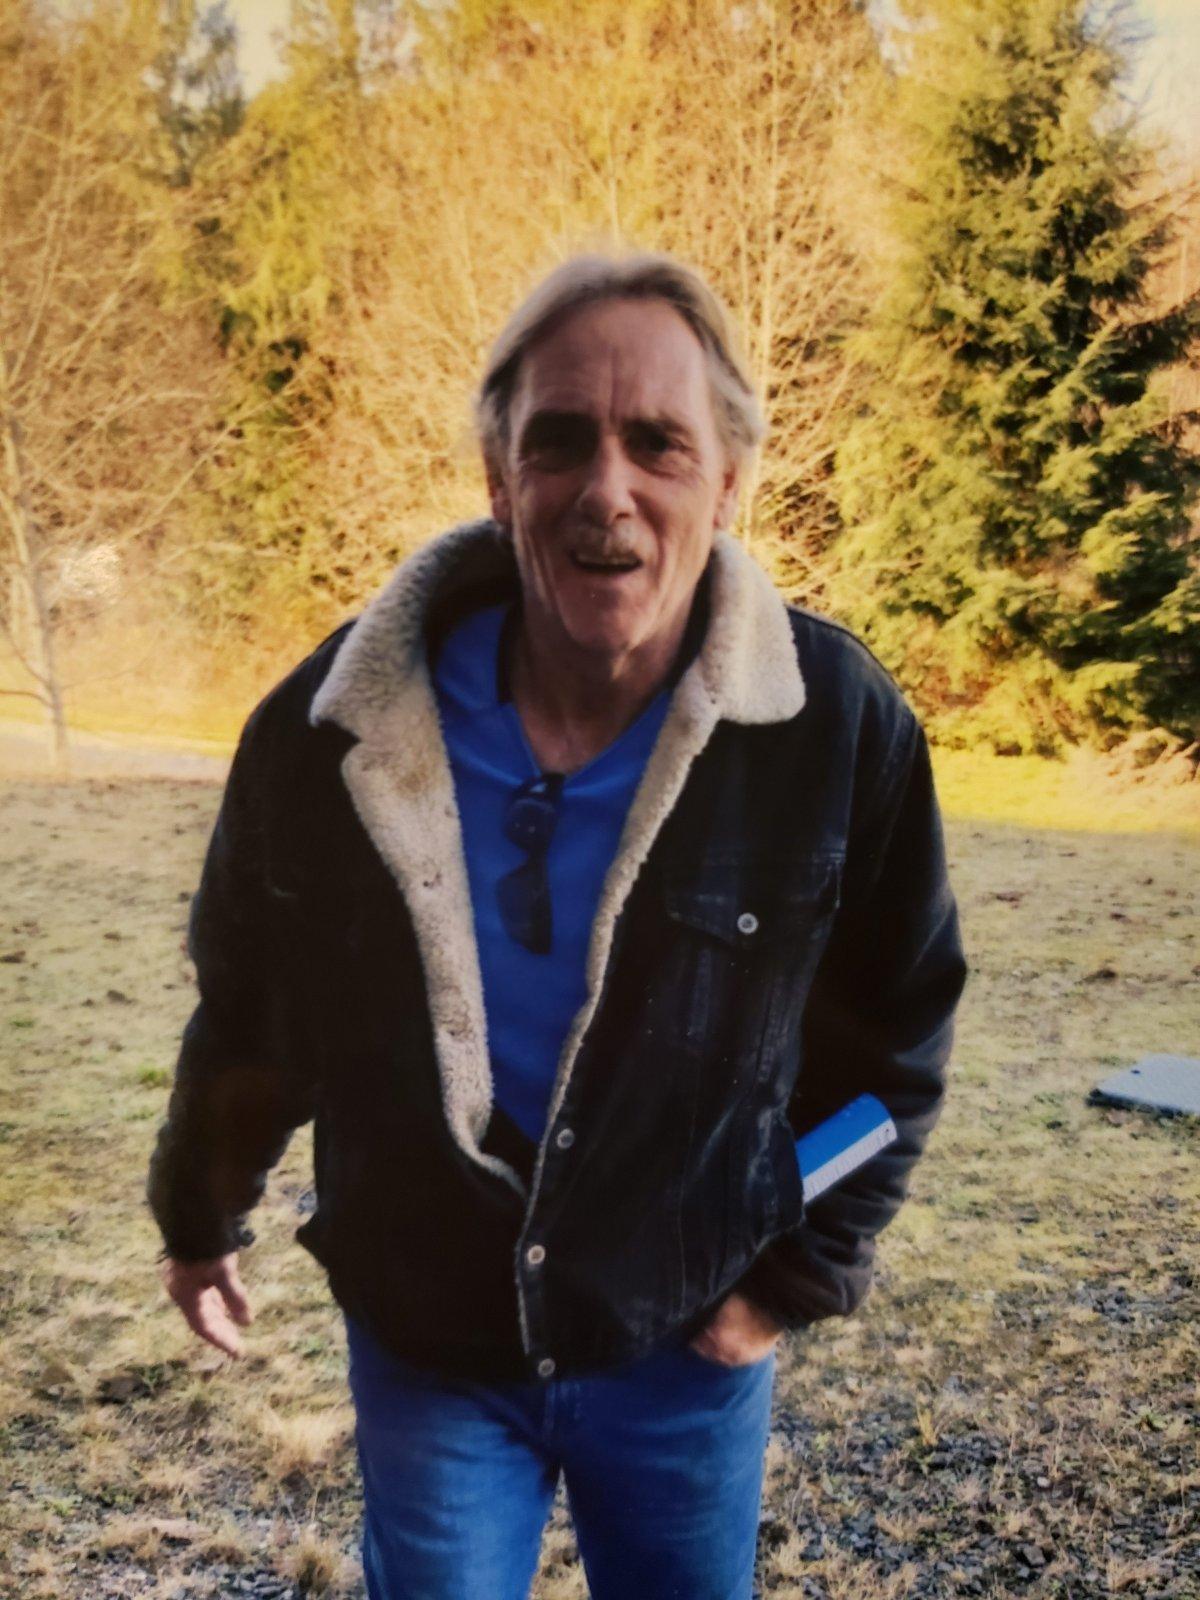 Nanaimo RCMP seeking missing man - image